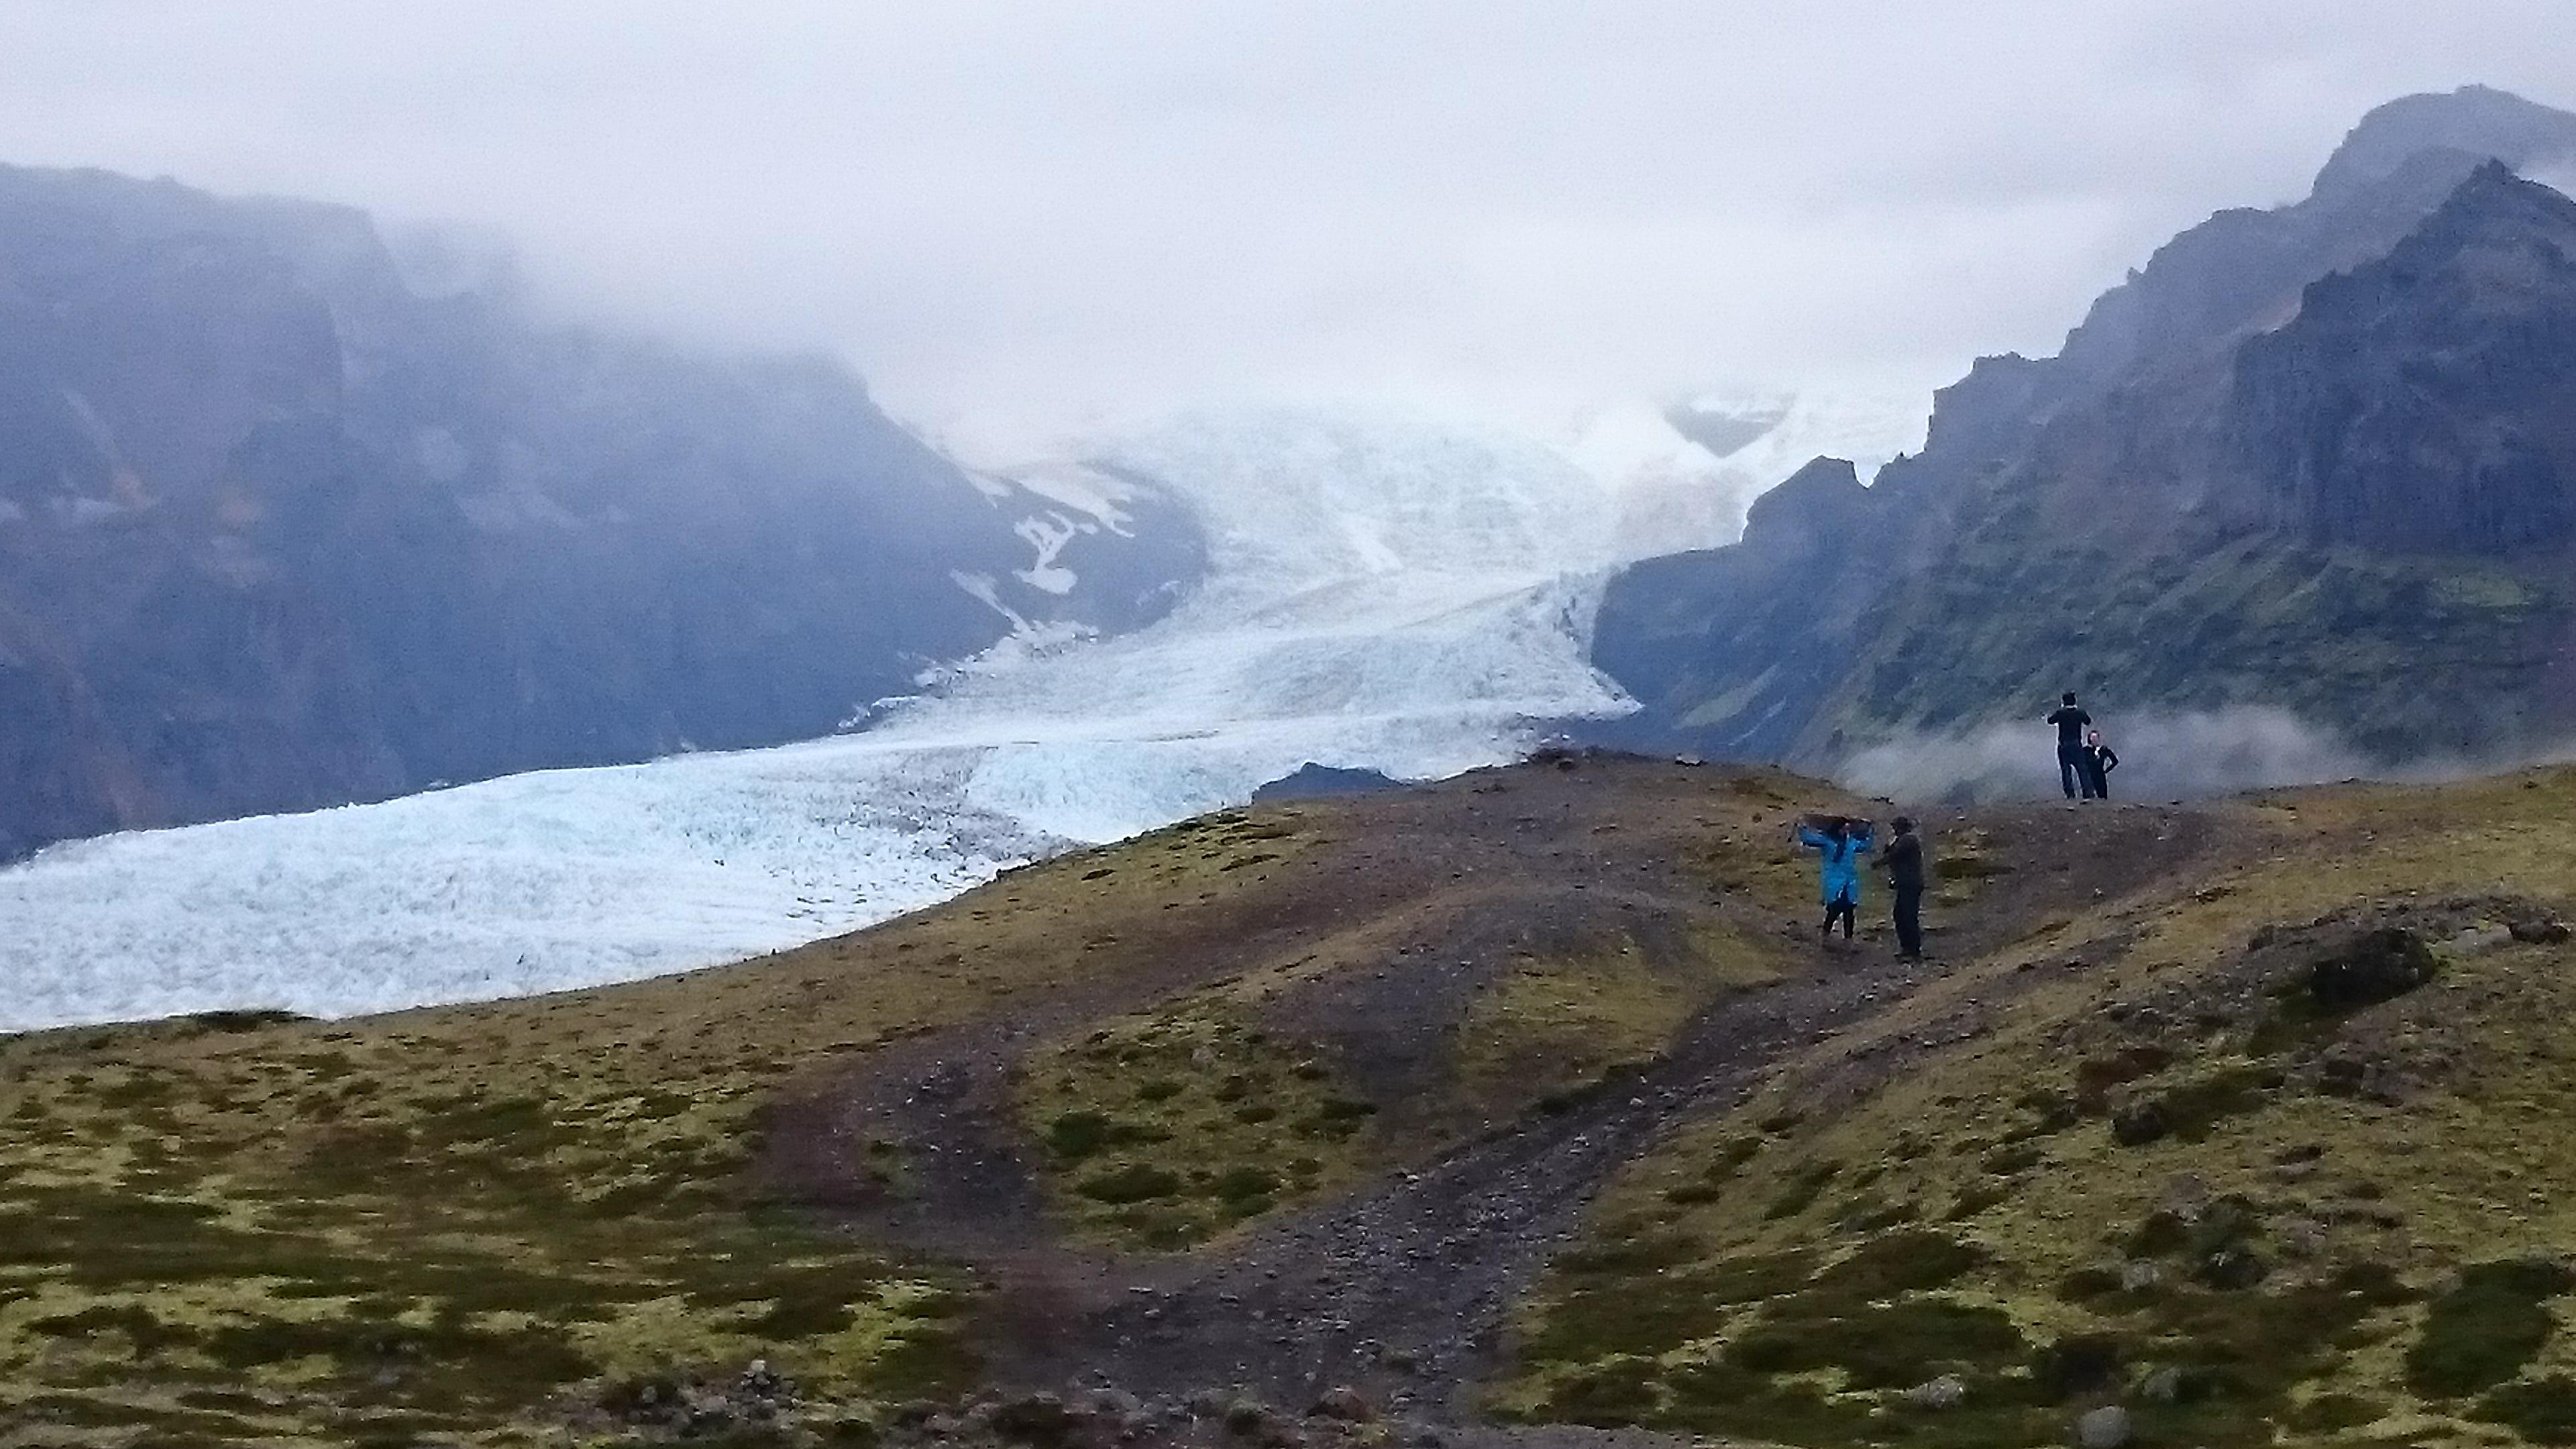 Solheimajokull Glacial Tongue